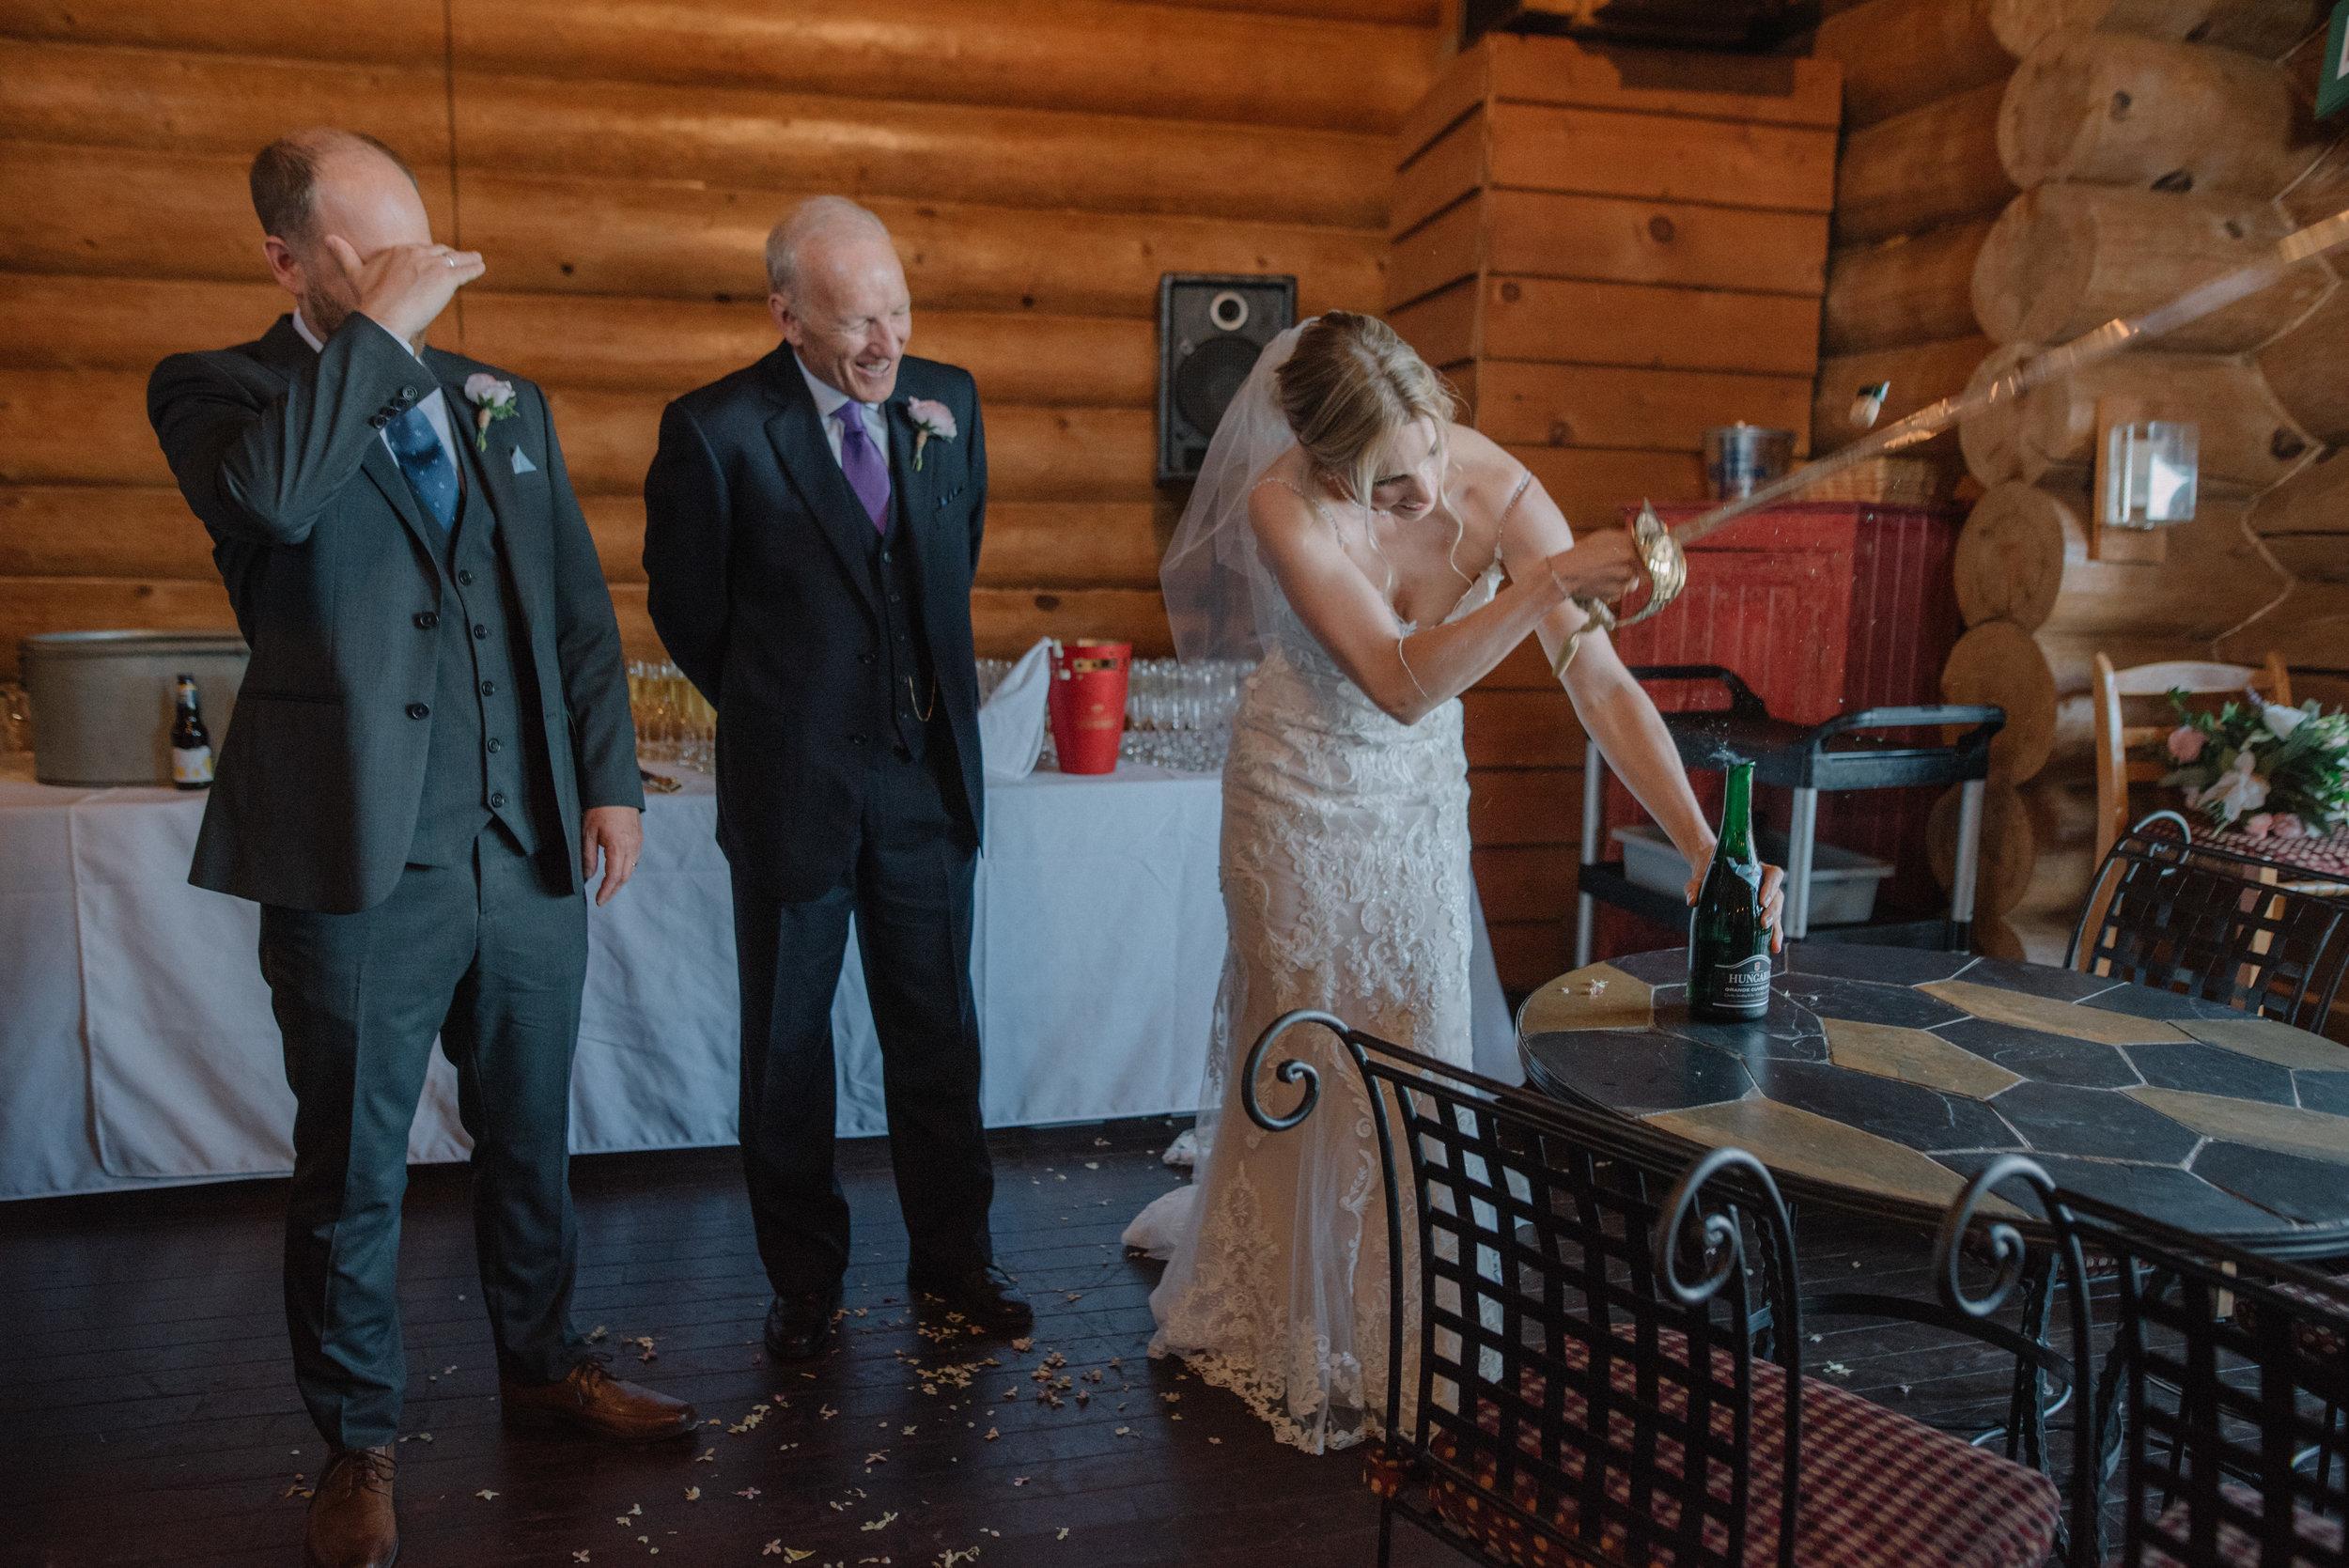 gatineau_photographe_mariage_ottawa_wedding_photography_documentary_candid_unposed_lifestyle_photography_photographie_613_family_famille (51).jpg